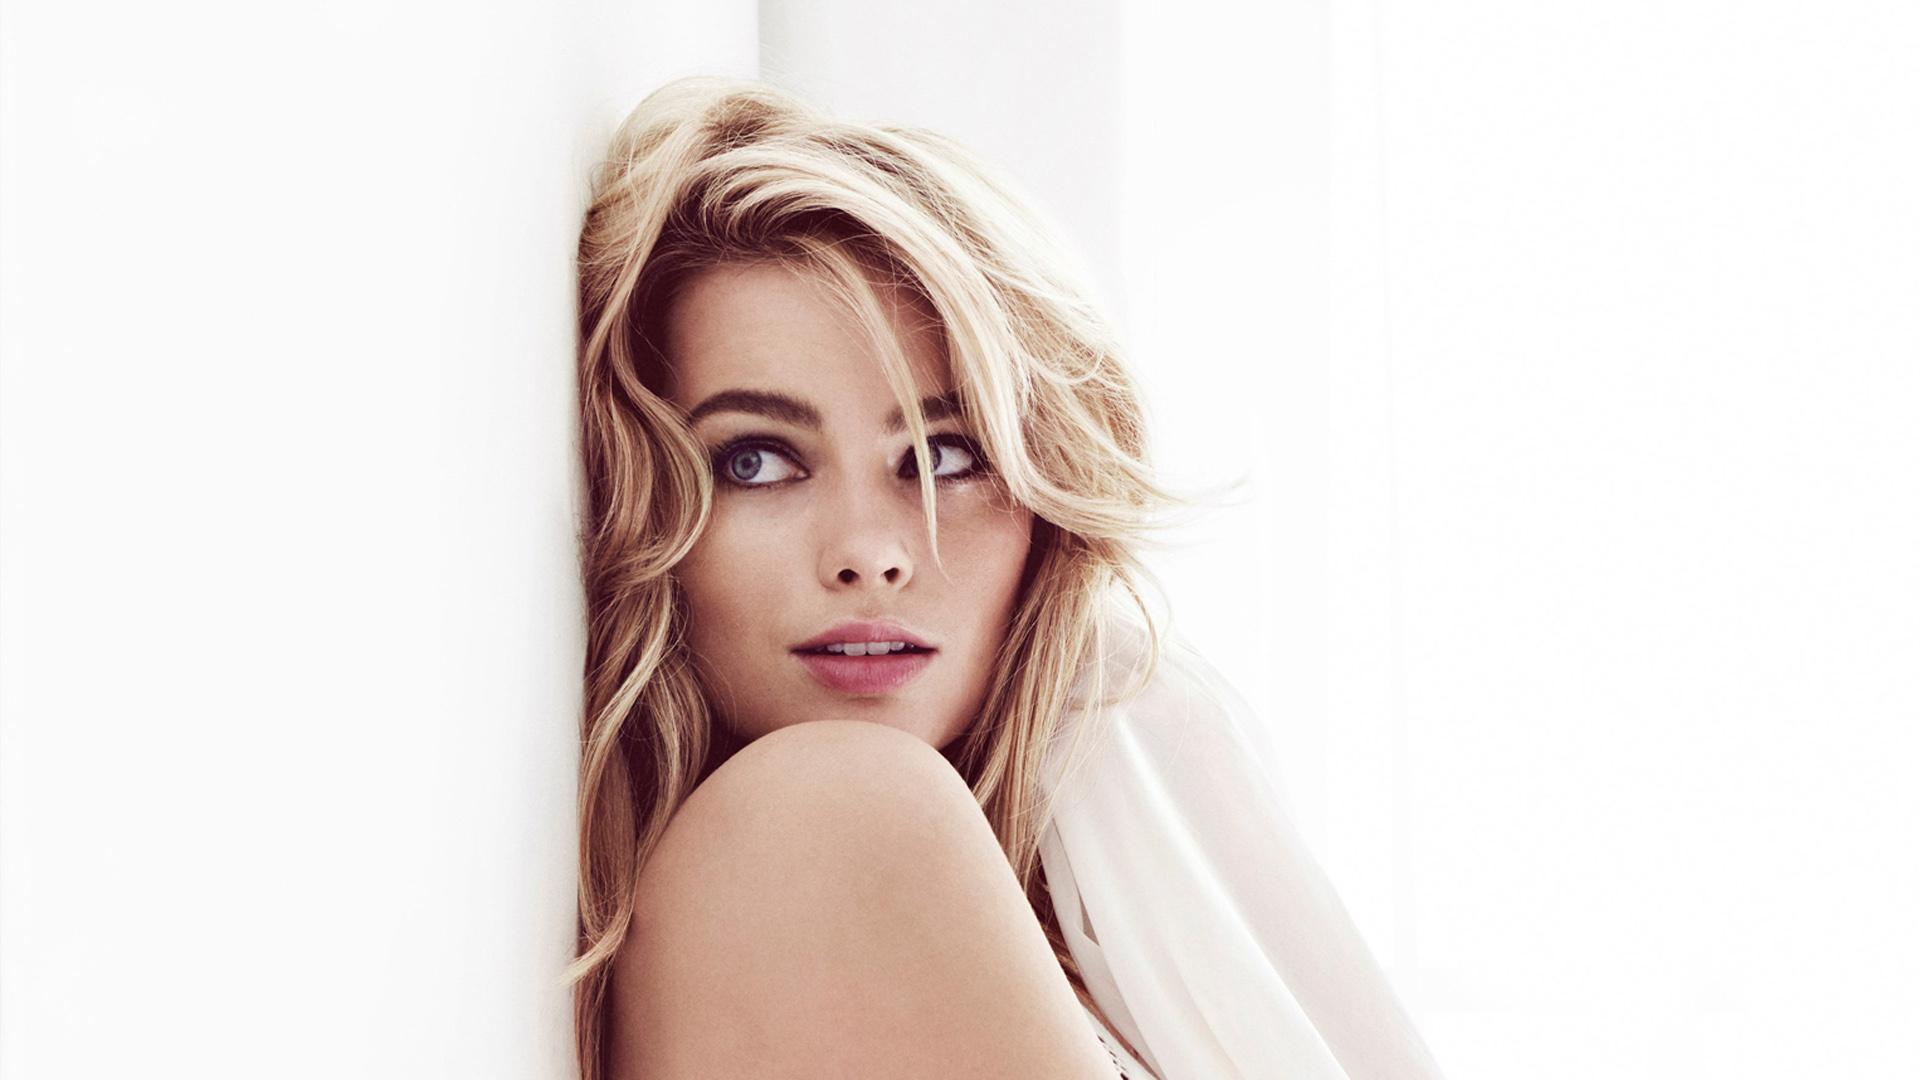 Australská herečka Margot Robbie se narodila na jihovýchodě Austrálie v městě Gold Coast kde strávila spoustu volného času na farmě u svých prarodičů